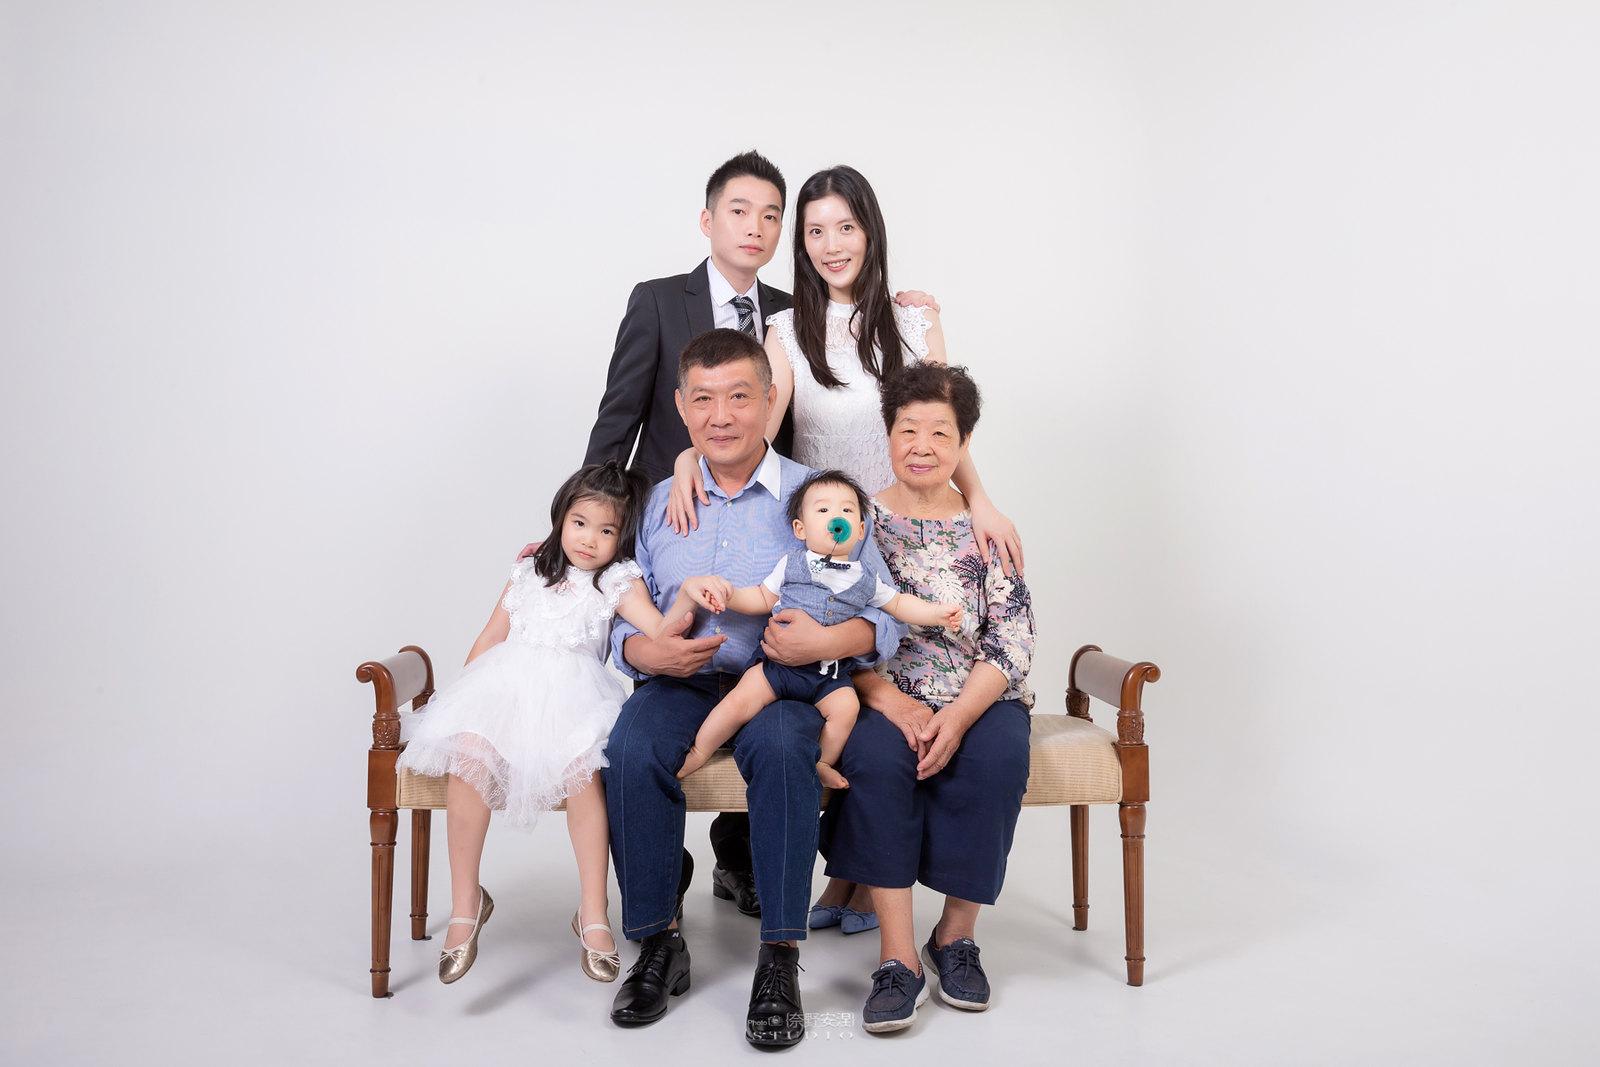 台南全家福 | 拋棄傳統合照的彆扭,忠實呈現家人間最親密的情感7